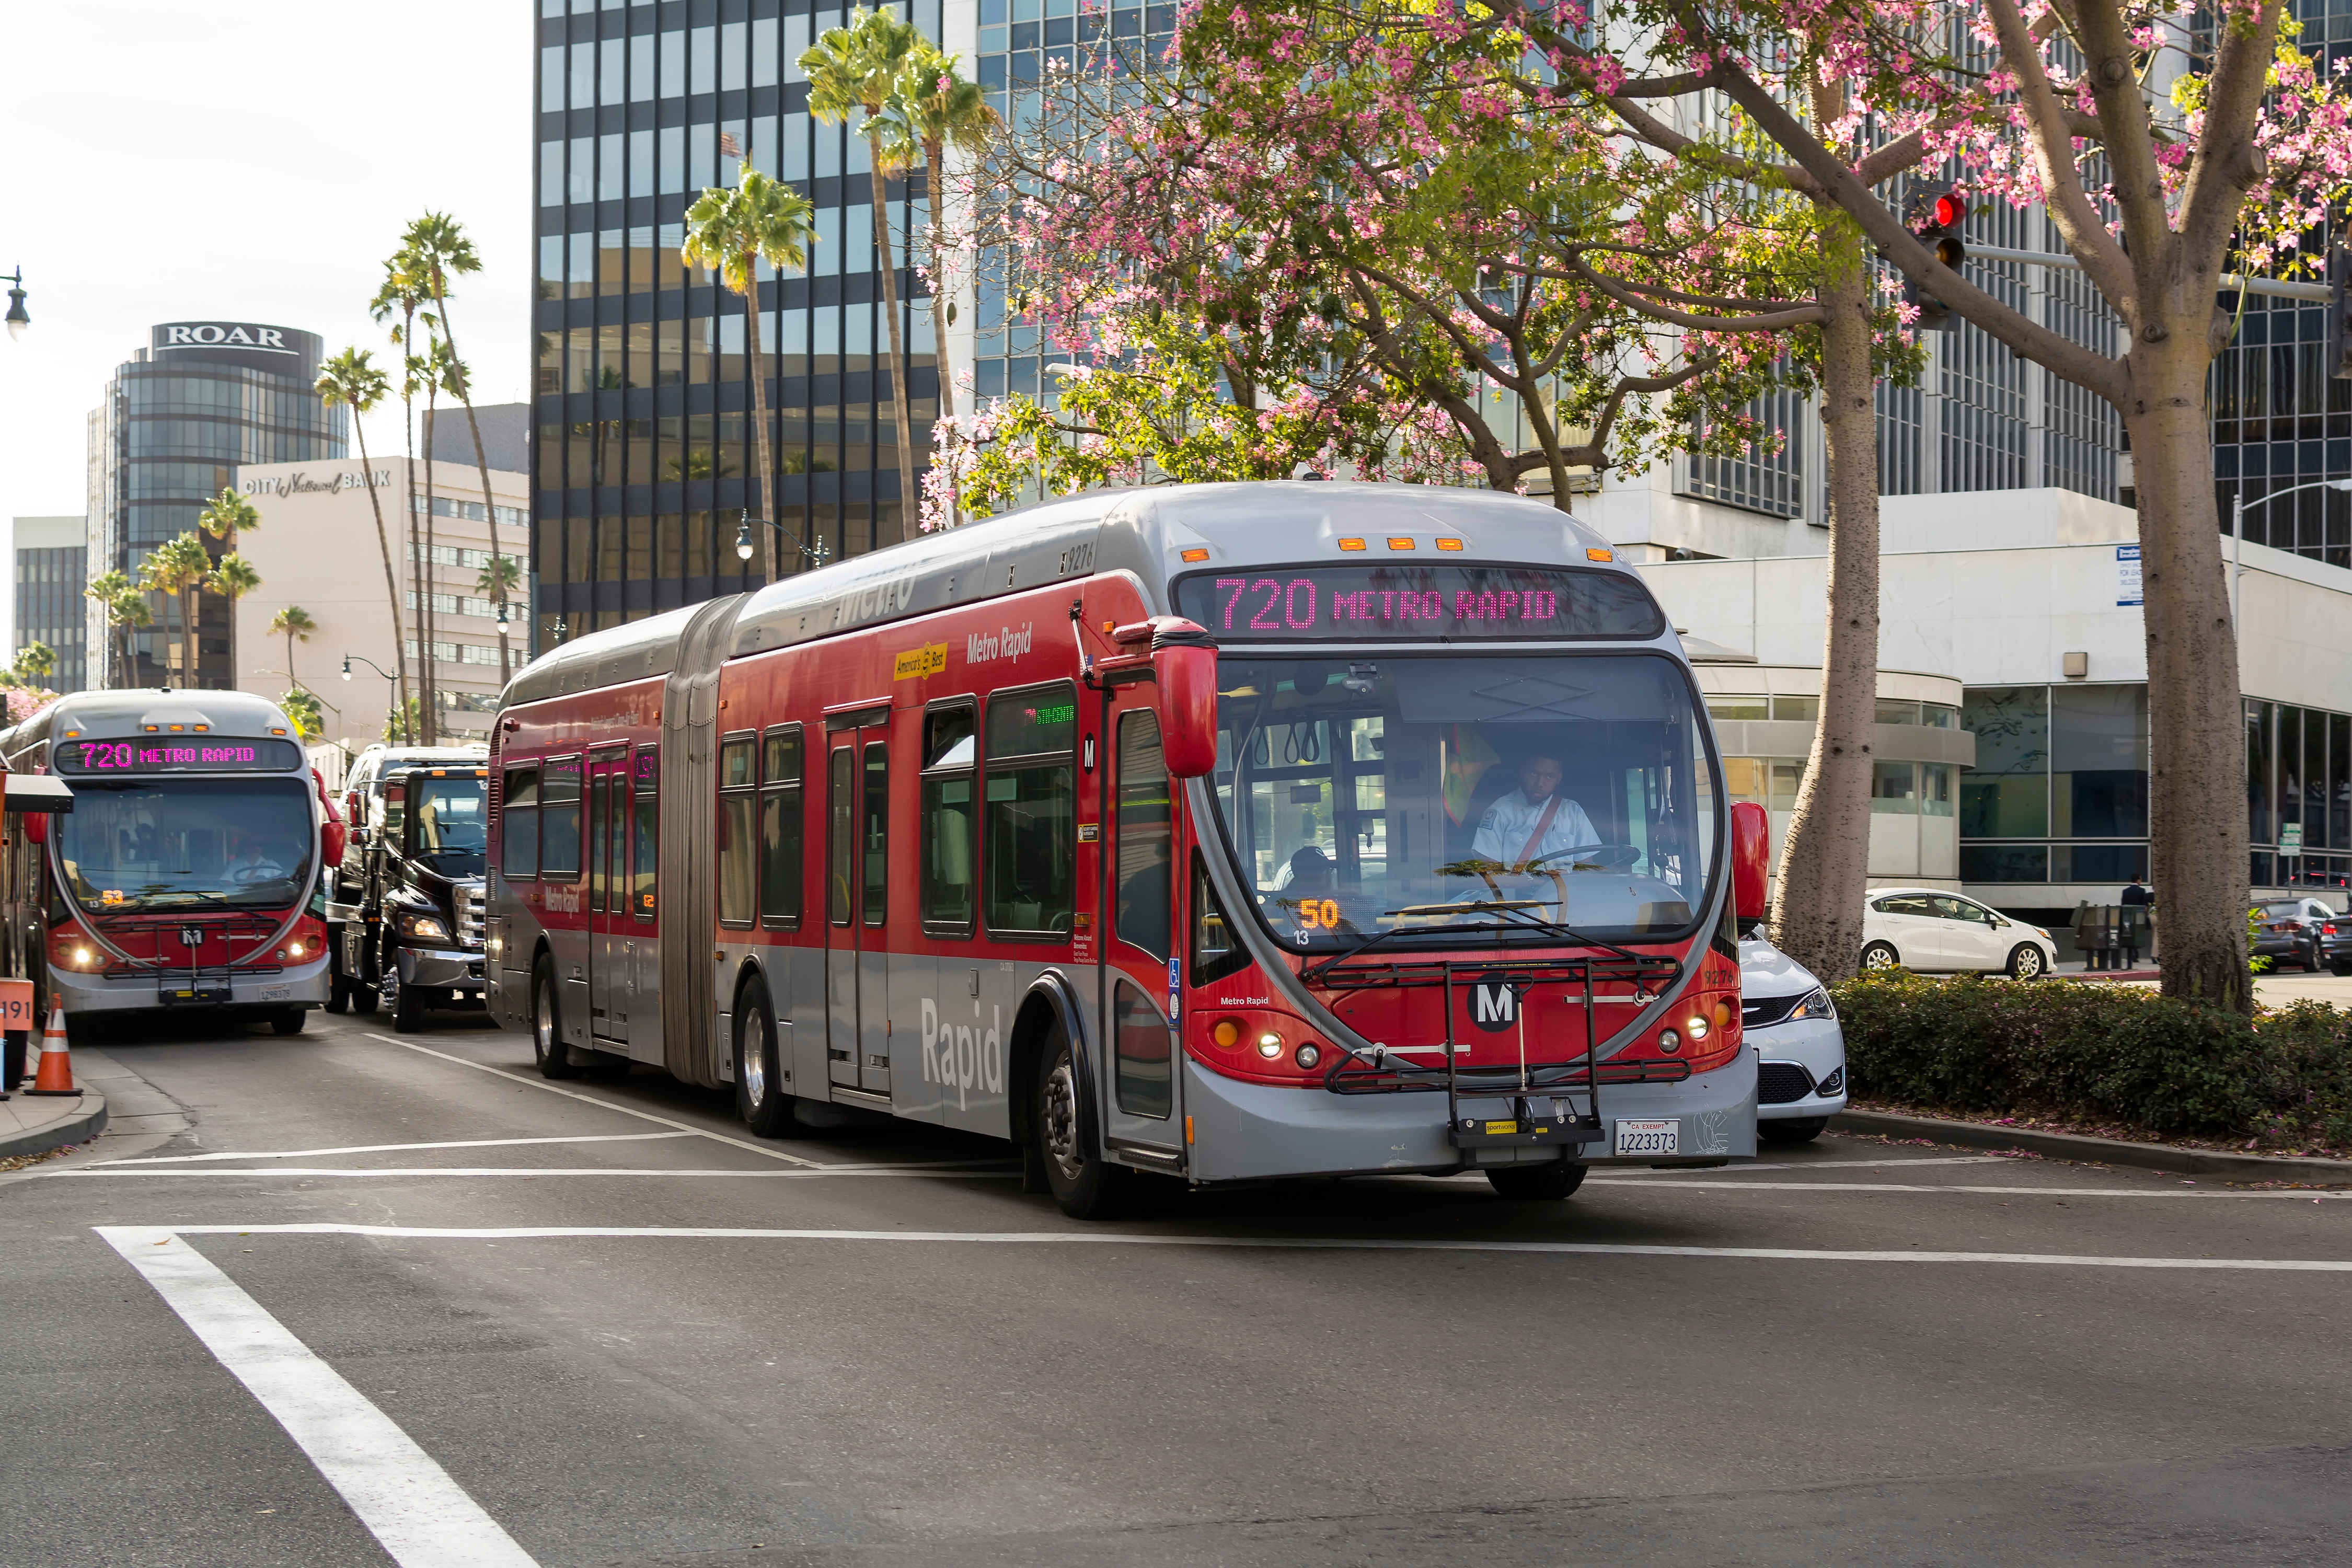 720 bus